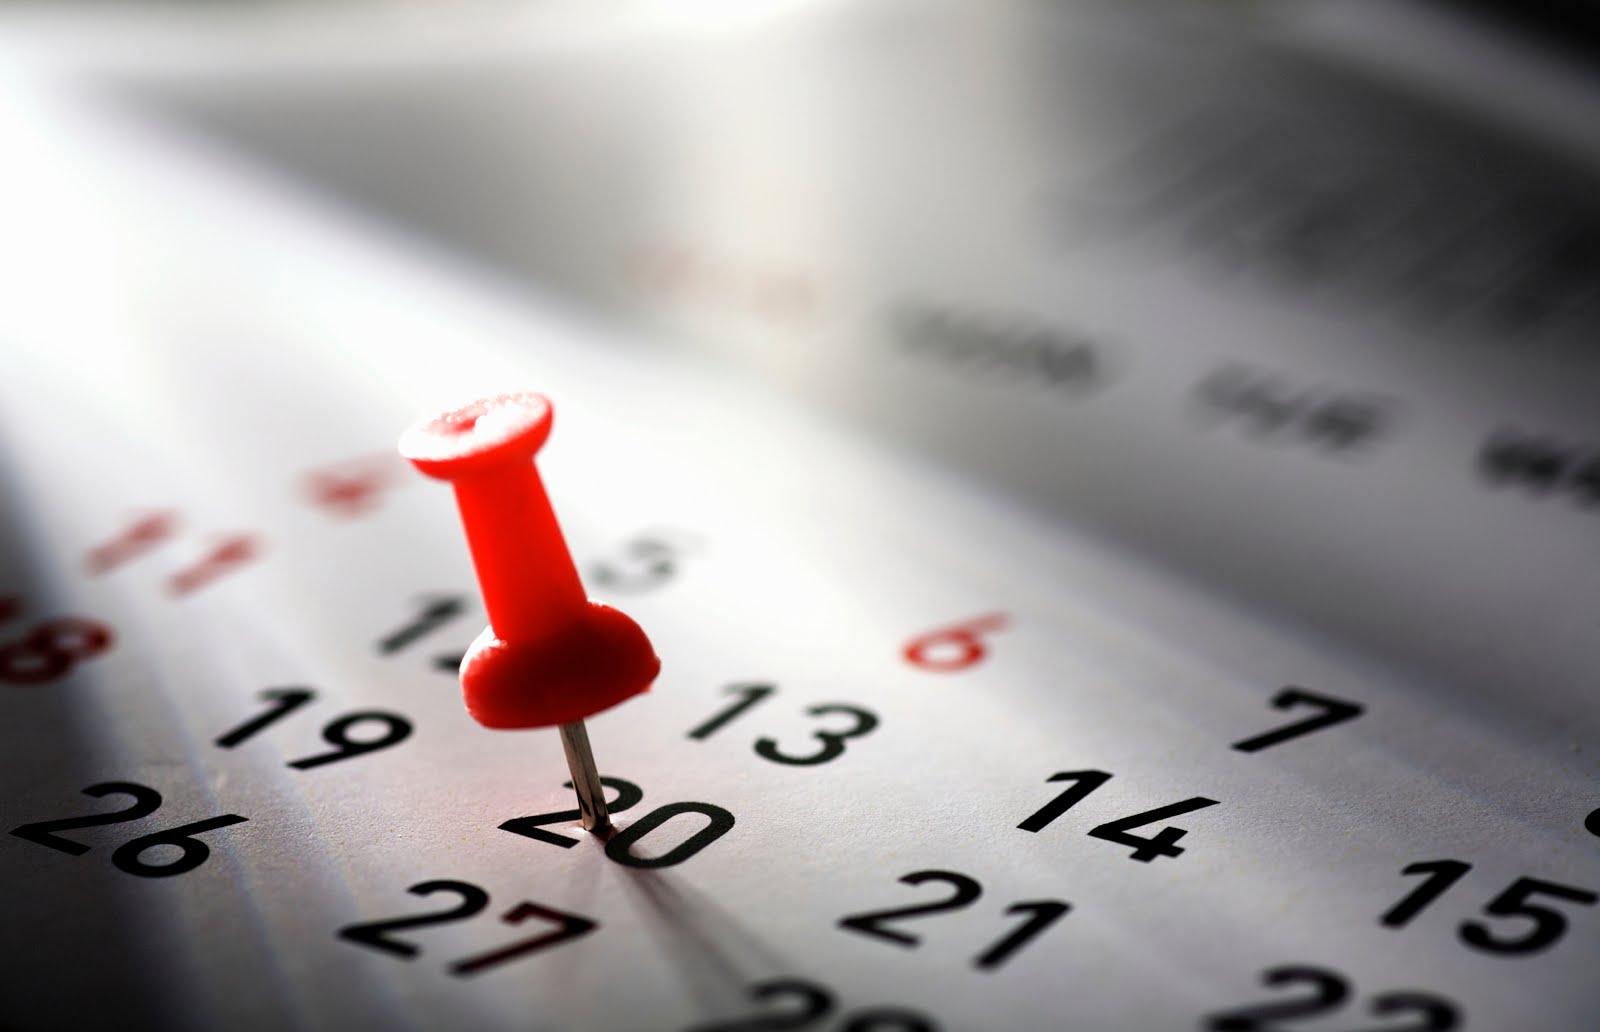 Ponti 2016, le date per programmare vacanze in moto